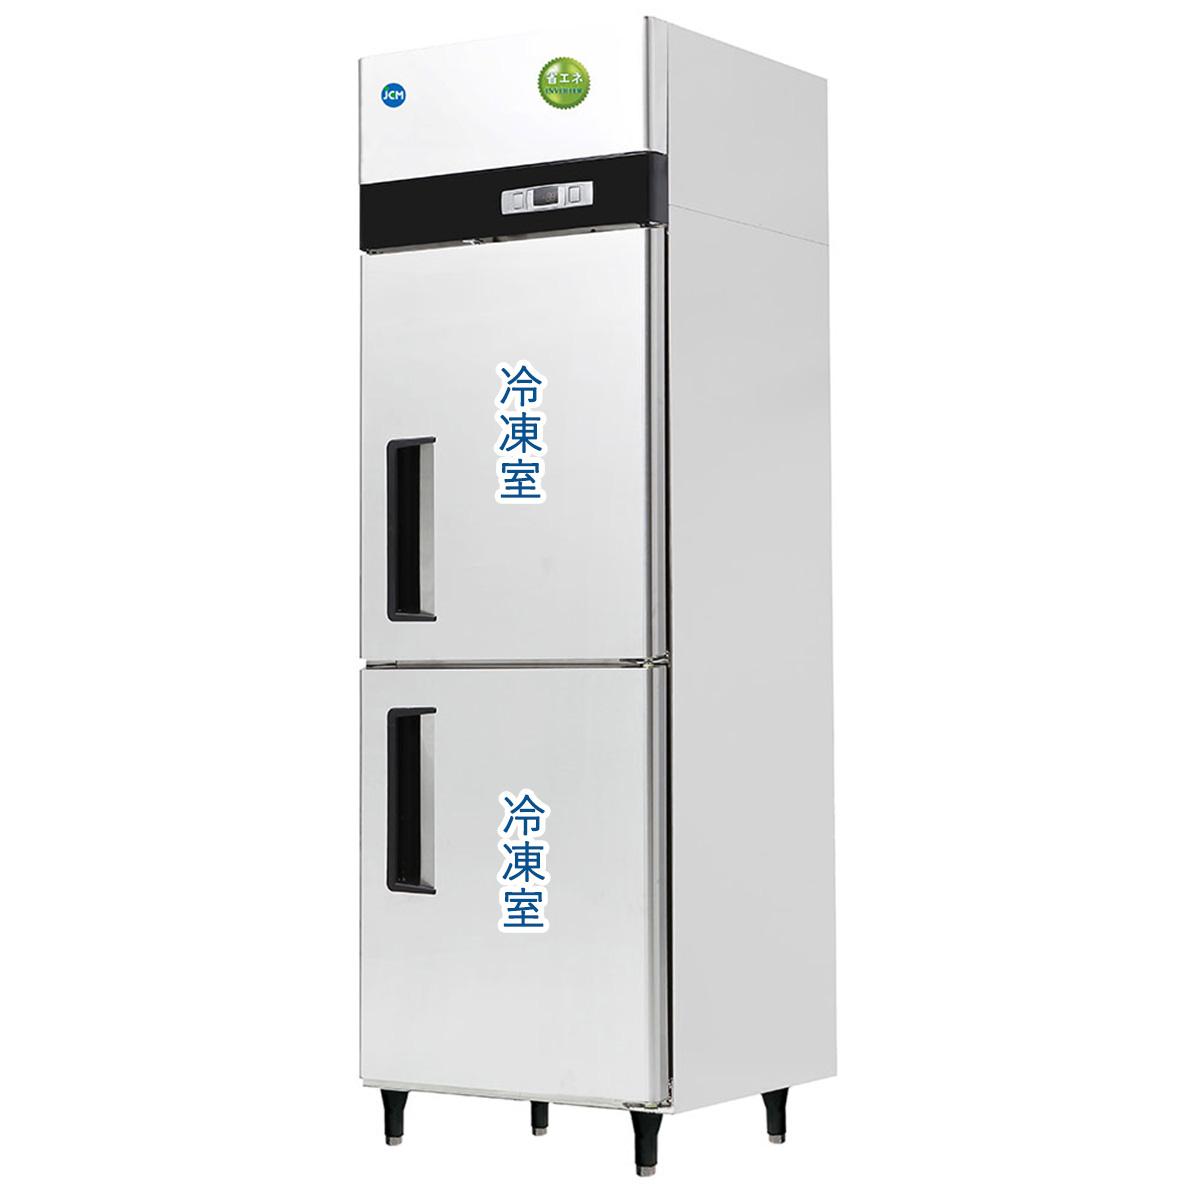 メーカー直販 高品質なのに低価格 開発から製造 販売までに自社で管理する事で驚きの価格での提供が可能となりました 全国365日メンテナンス受付体制でアフターも万全 数量限定 飲食店応援~コロナ打ち勝つセール~ 最新号掲載アイテム JCM タテ型冷凍庫 585L JCMF-780-IN 業務用 省エネ 代引不可 冷凍 高品質 ノンフロン 2ドア